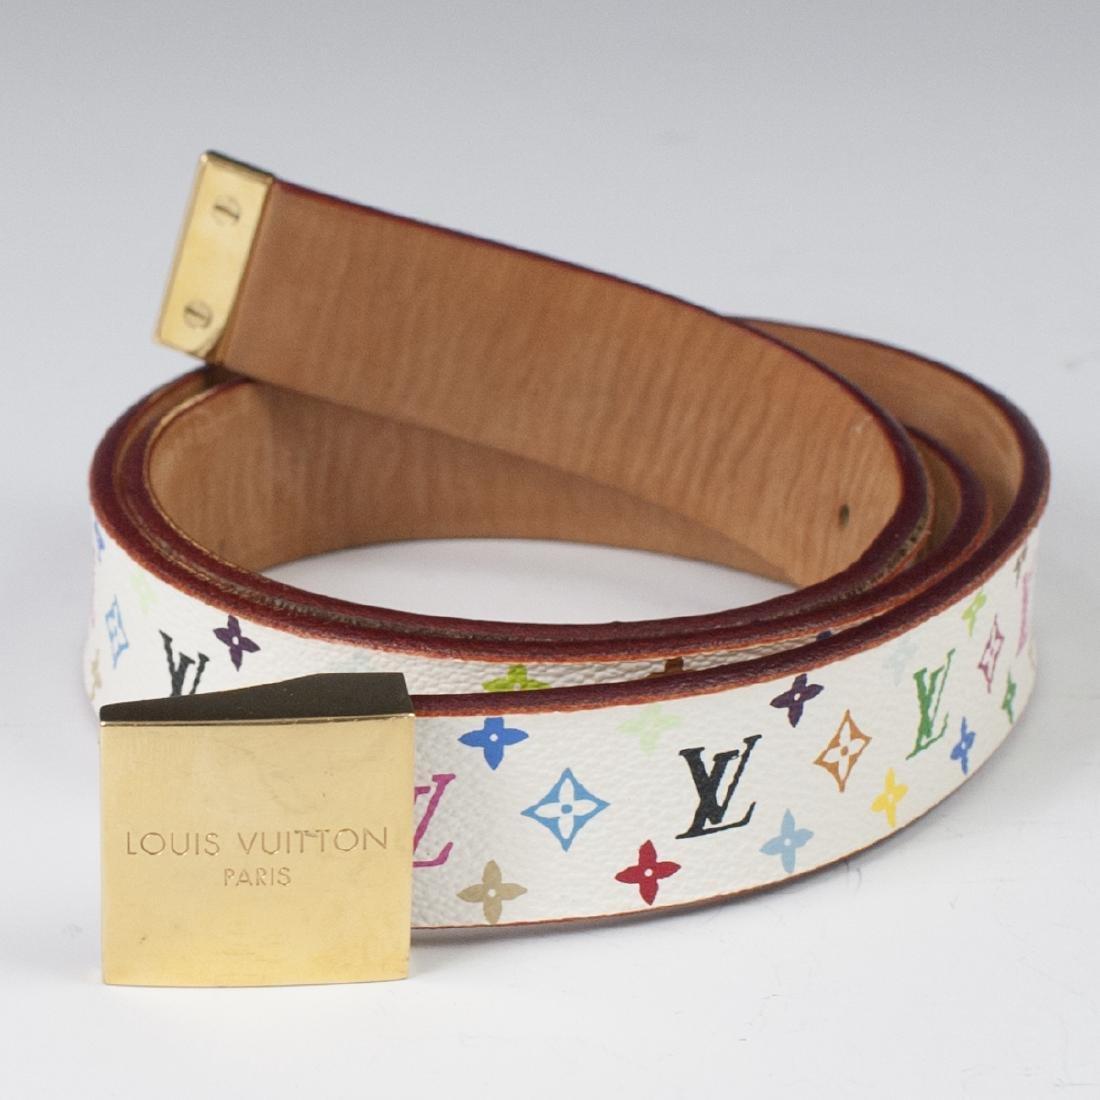 Louis Vuitton Canvas Multicolore Belt